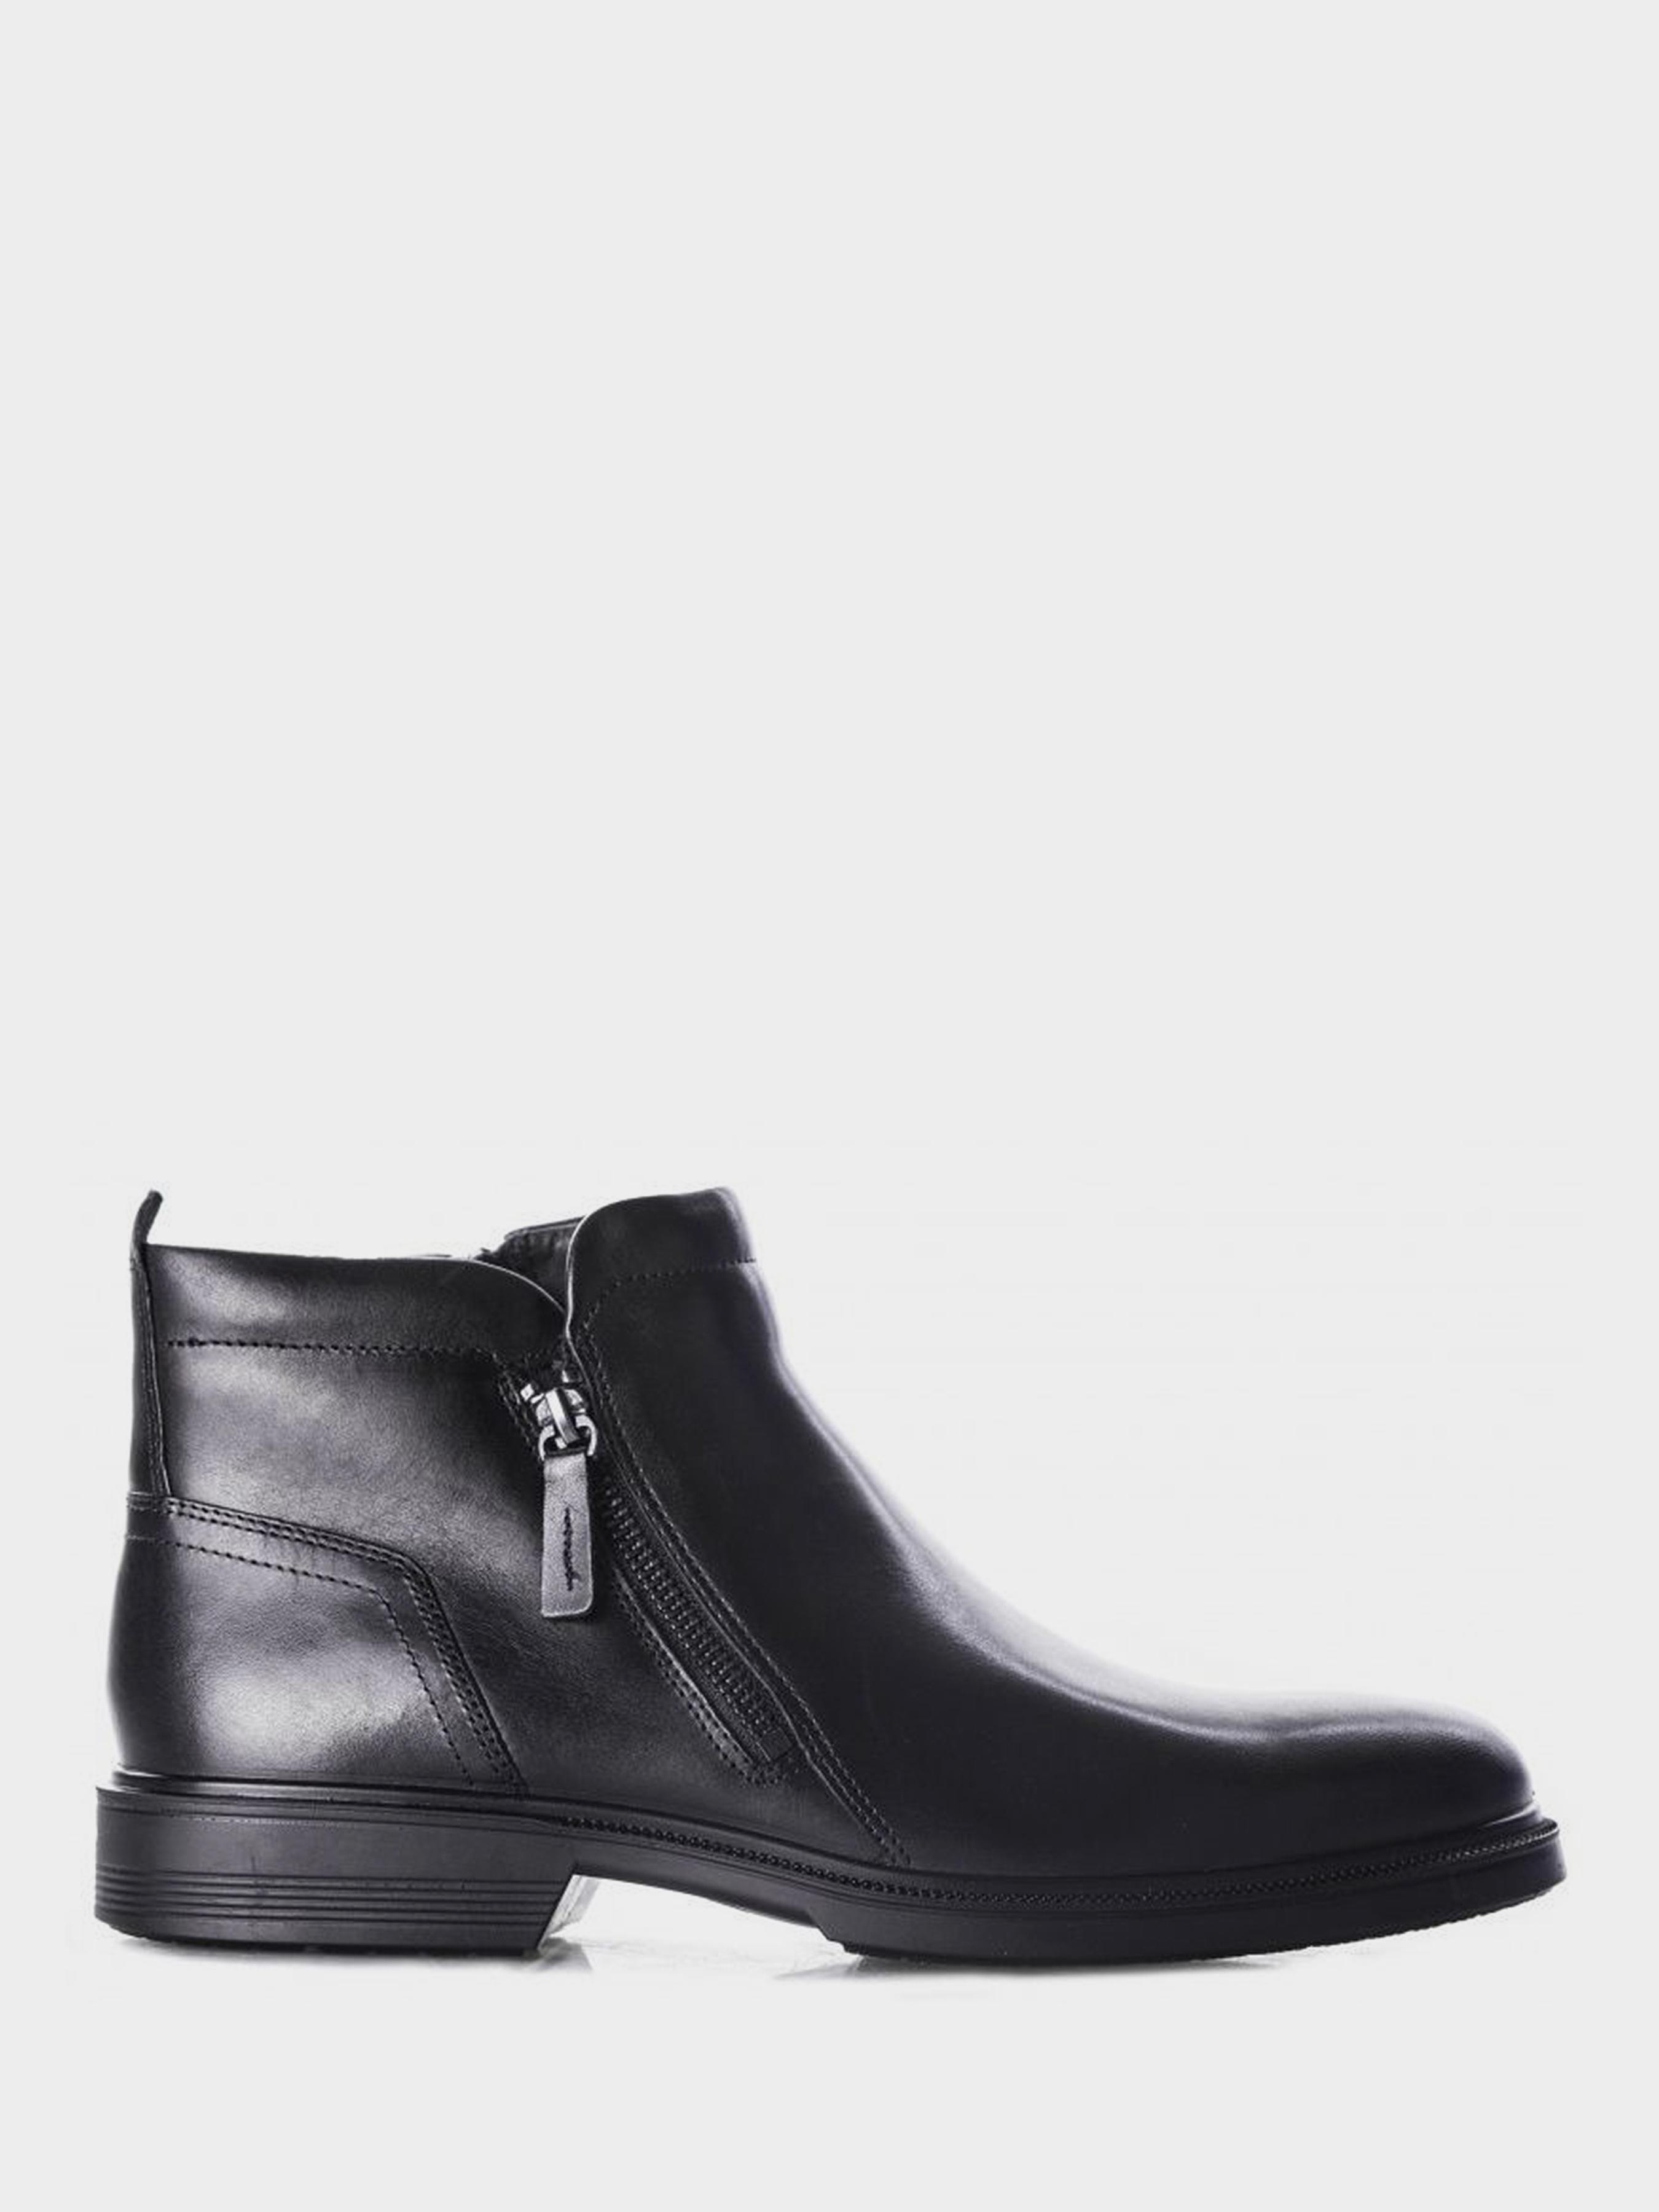 Ботинки мужские ECCO LISBON ZM4068, Черный  - купить со скидкой